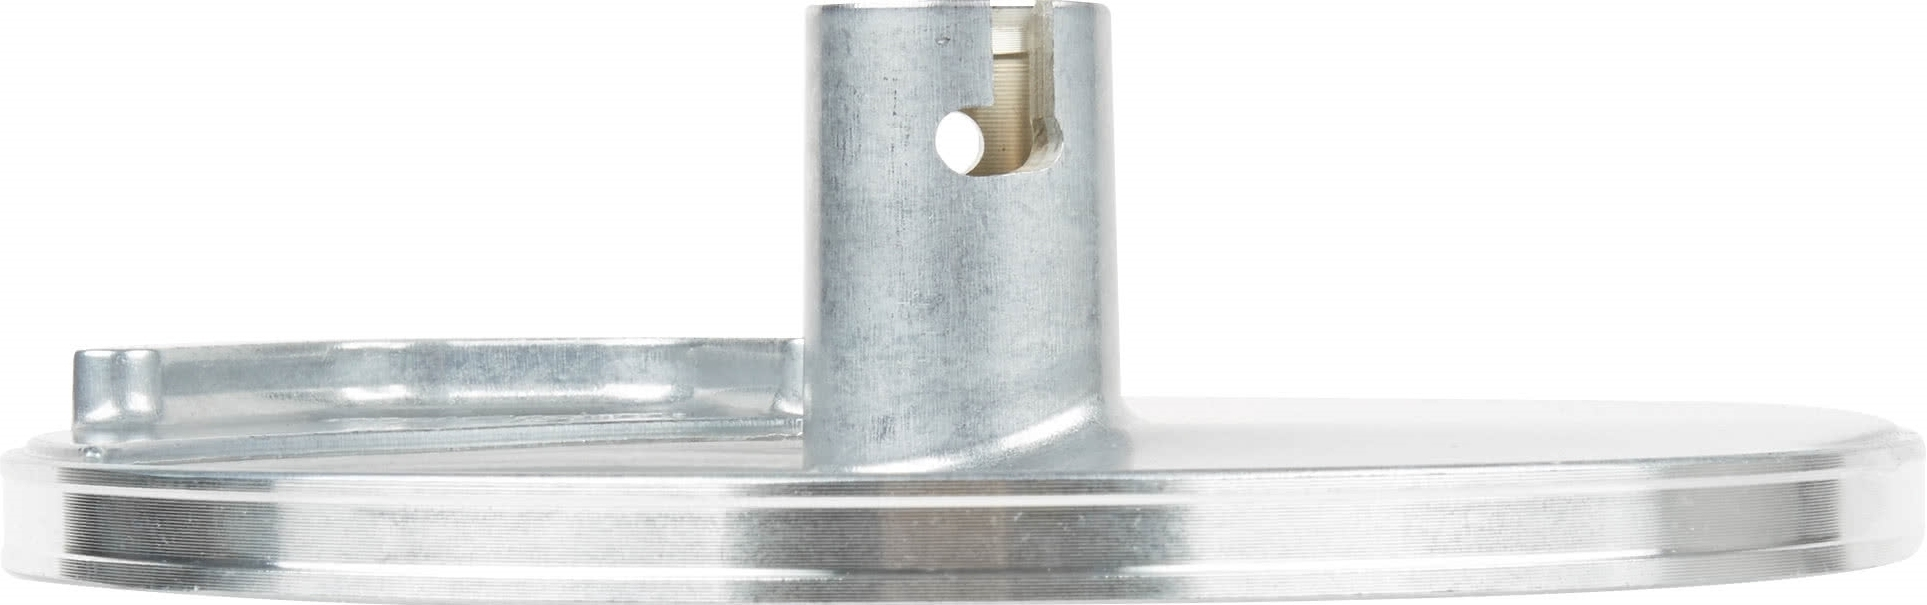 Диск-соломка Robot Coupe 28135(10x10 мм) длякартофеляфри - 5